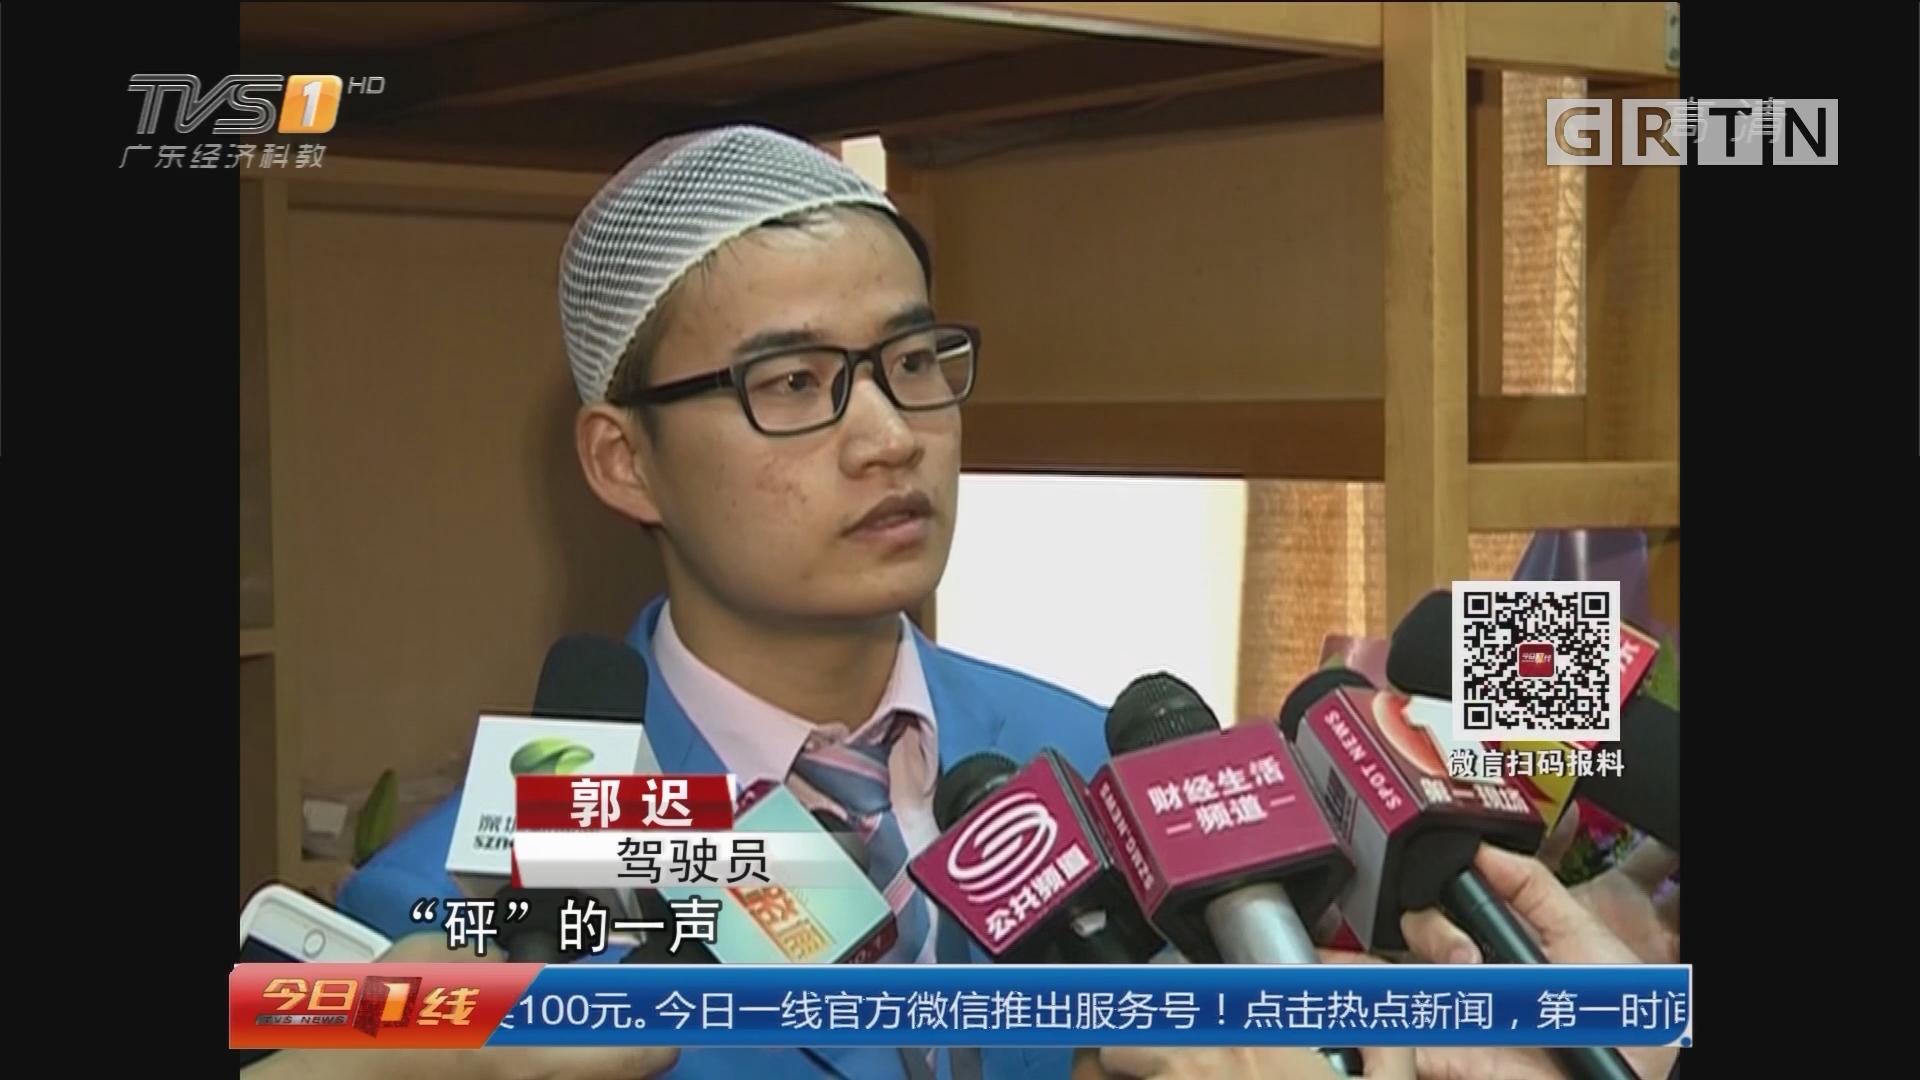 深圳地铁11号线被击穿追踪:受伤司机亲述经过 多部门介入